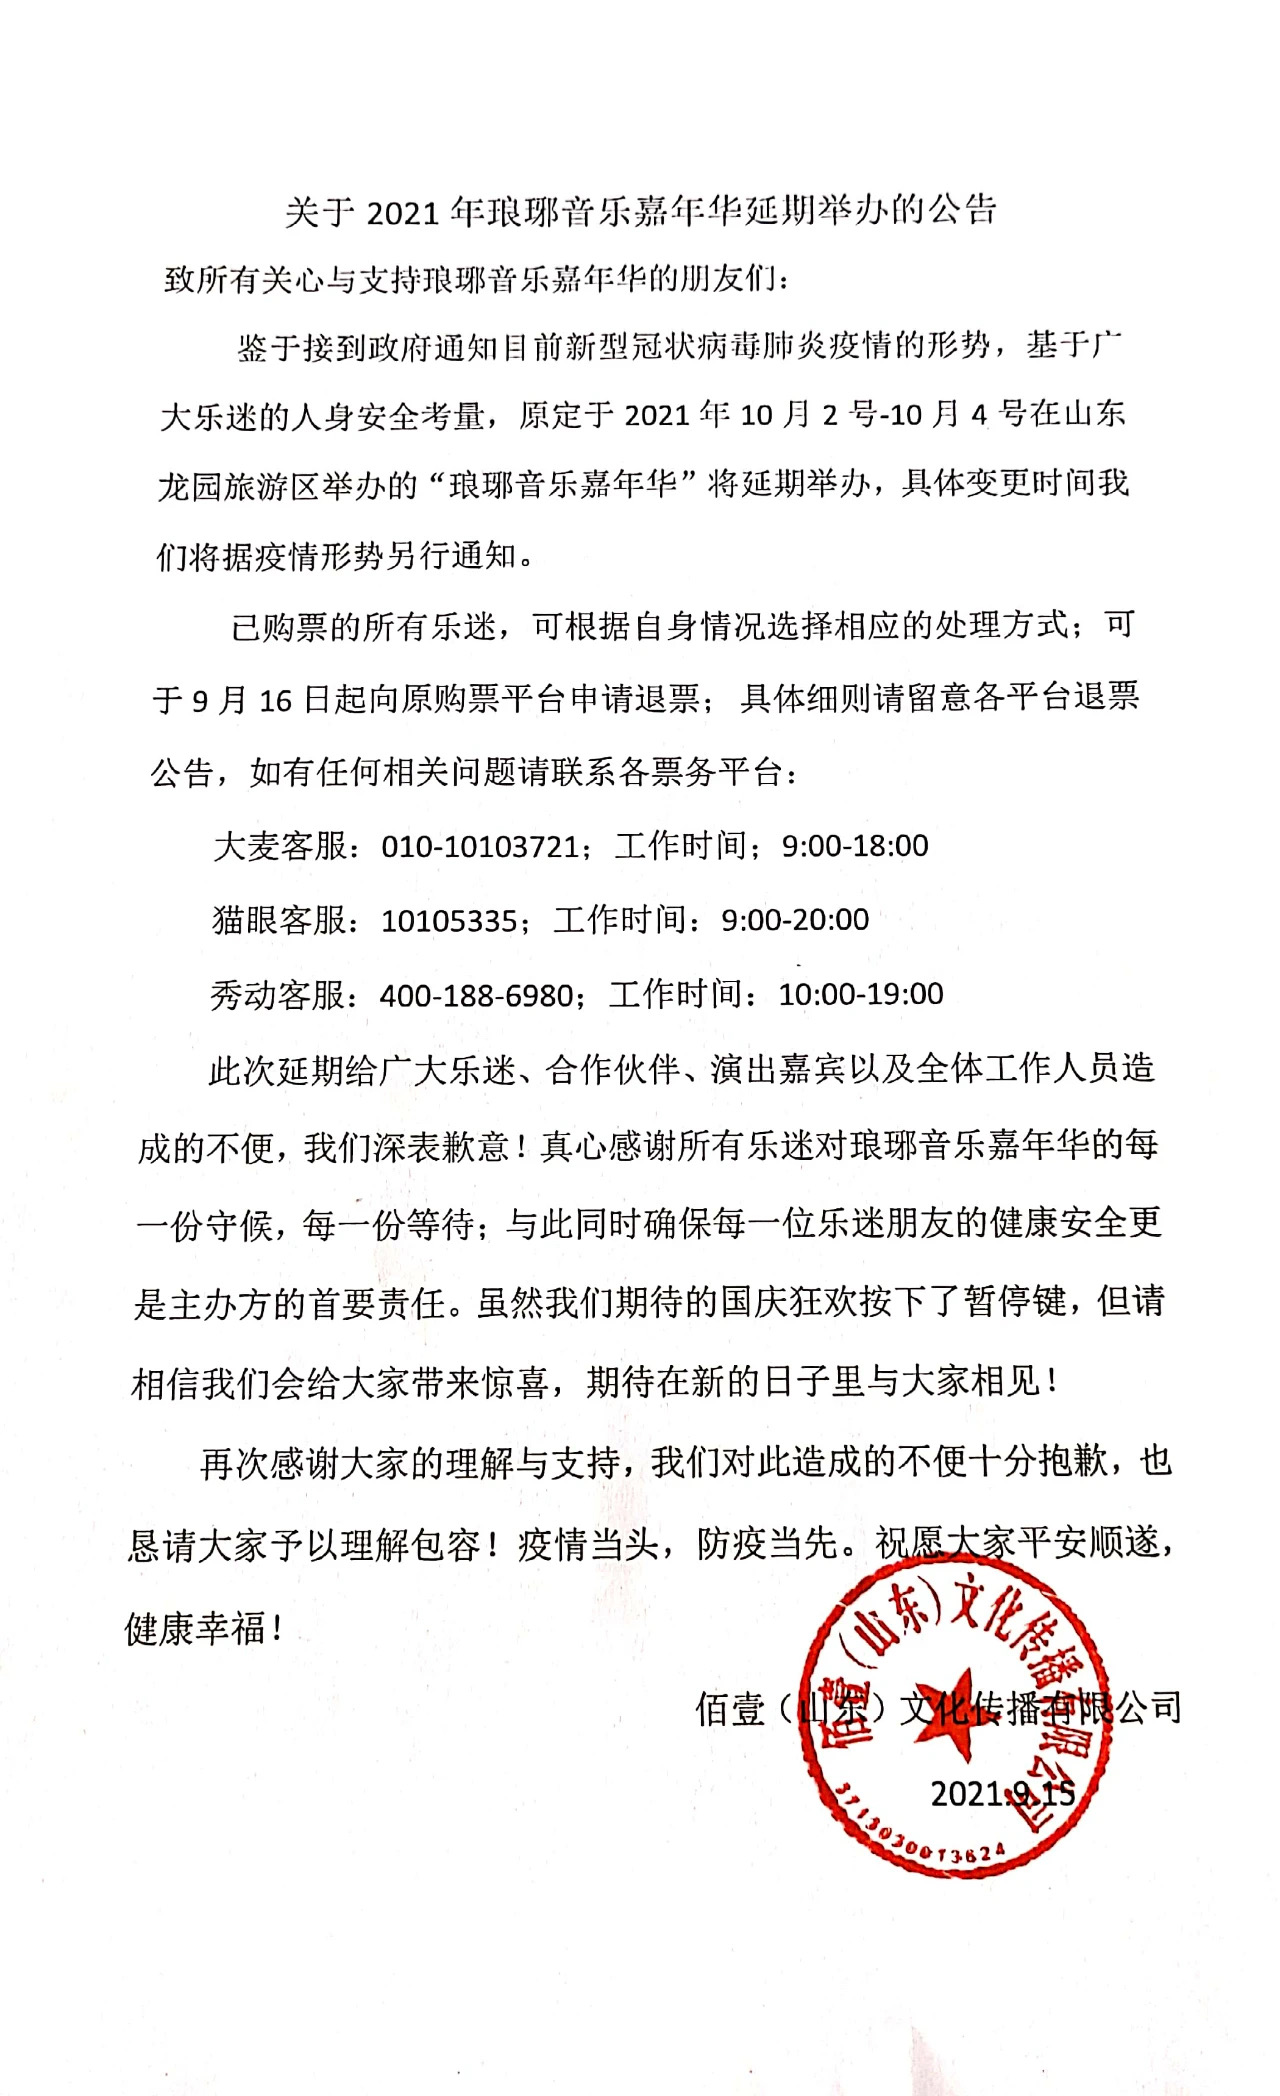 2021临沂琅琊音乐嘉年华